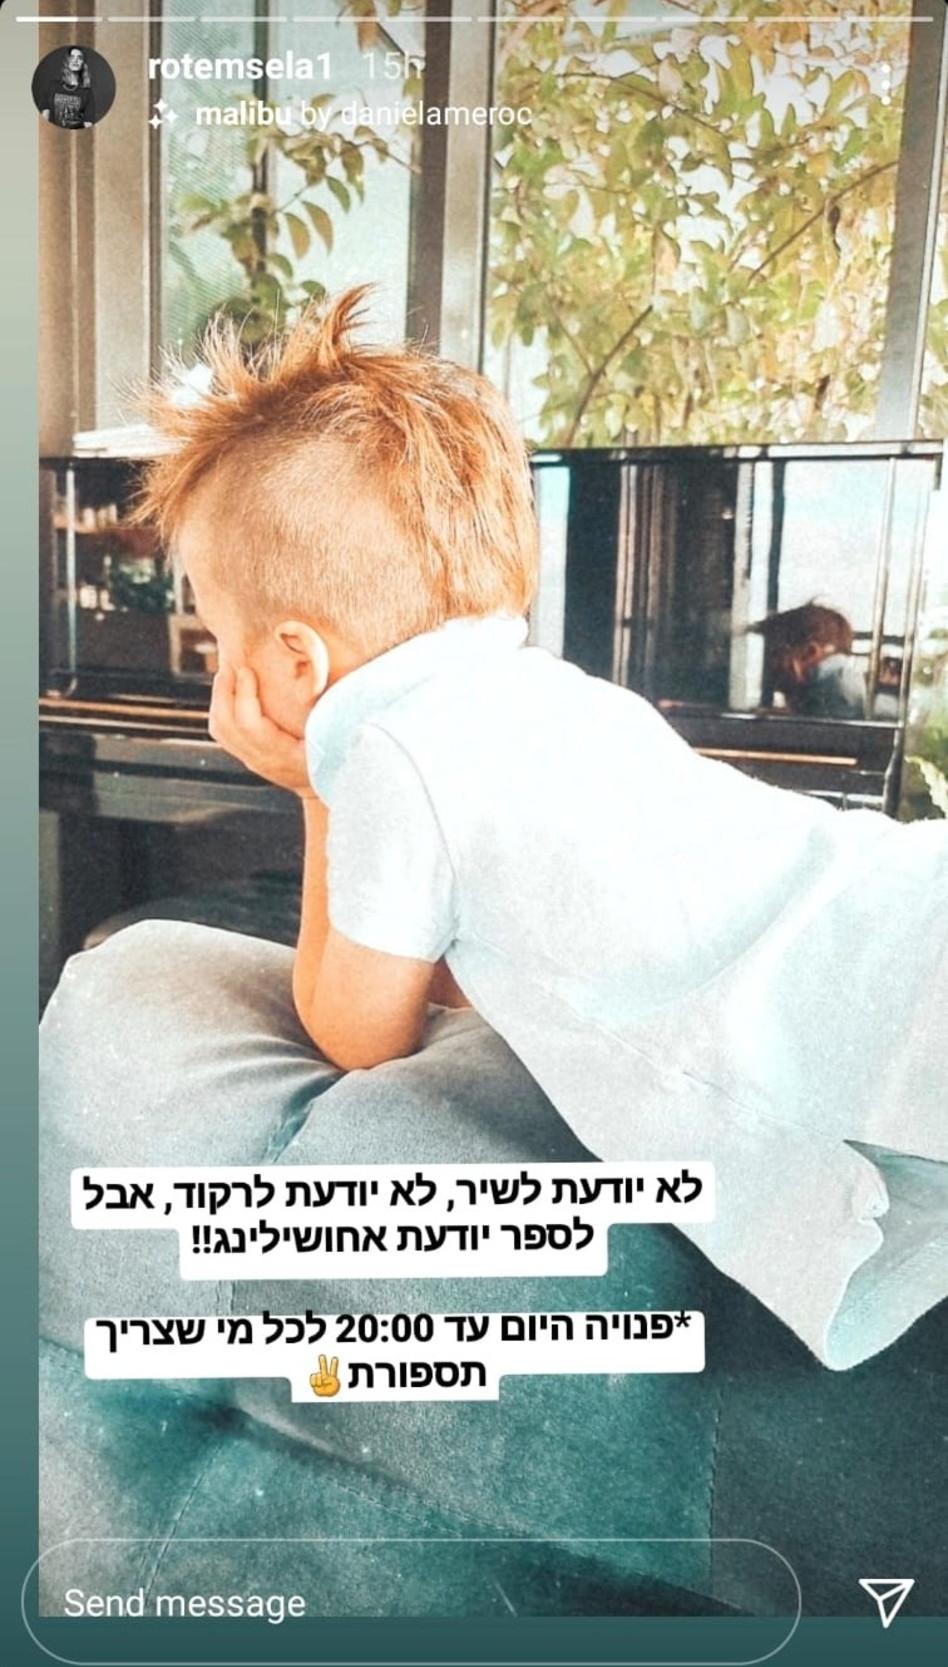 רותם סלע סיפרה את בנה (צילום: צילום מסך אינסטגרם)